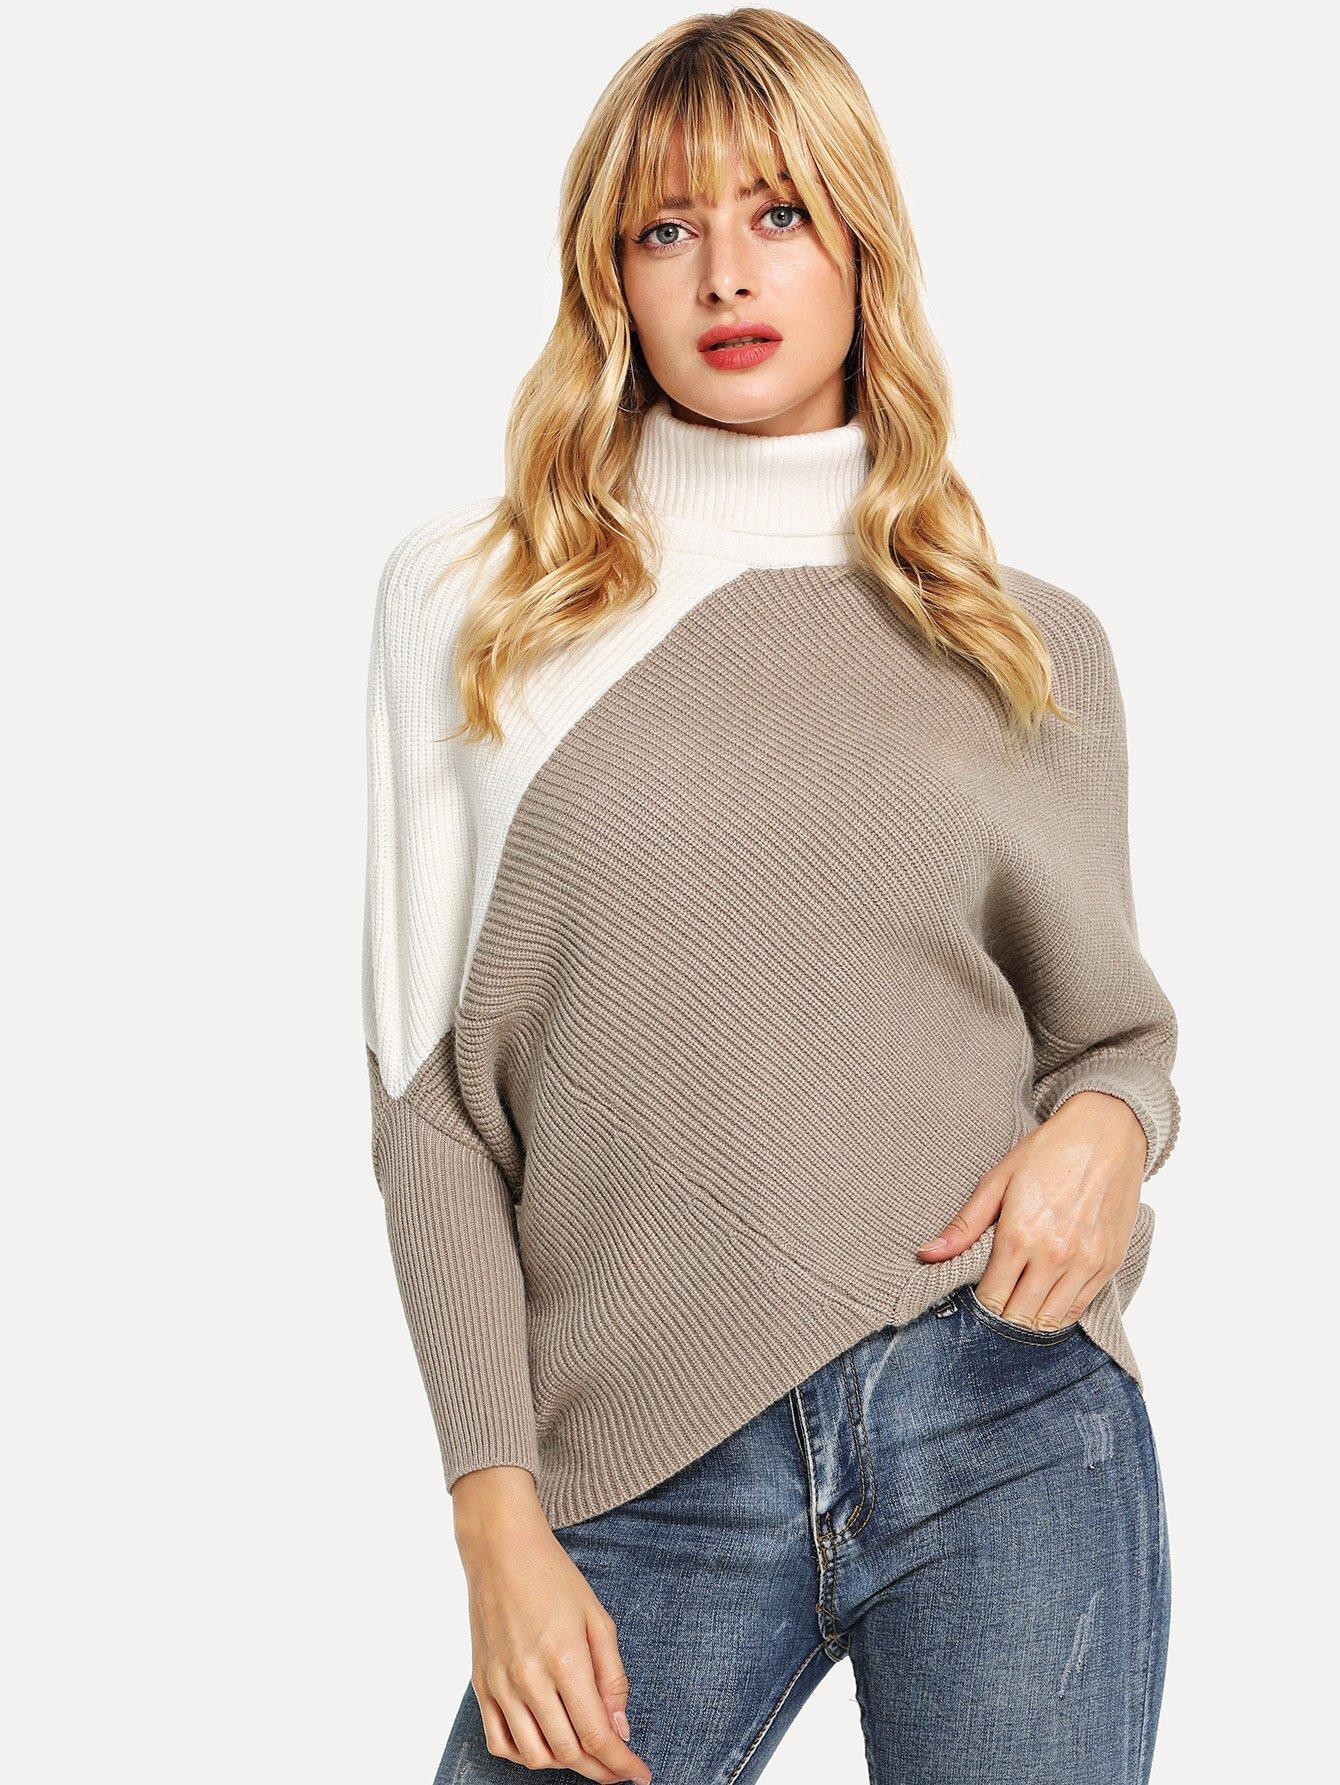 Купить Контрастный свитер с воротним-бантом и рукав-летучими мышами, Masha, SheIn